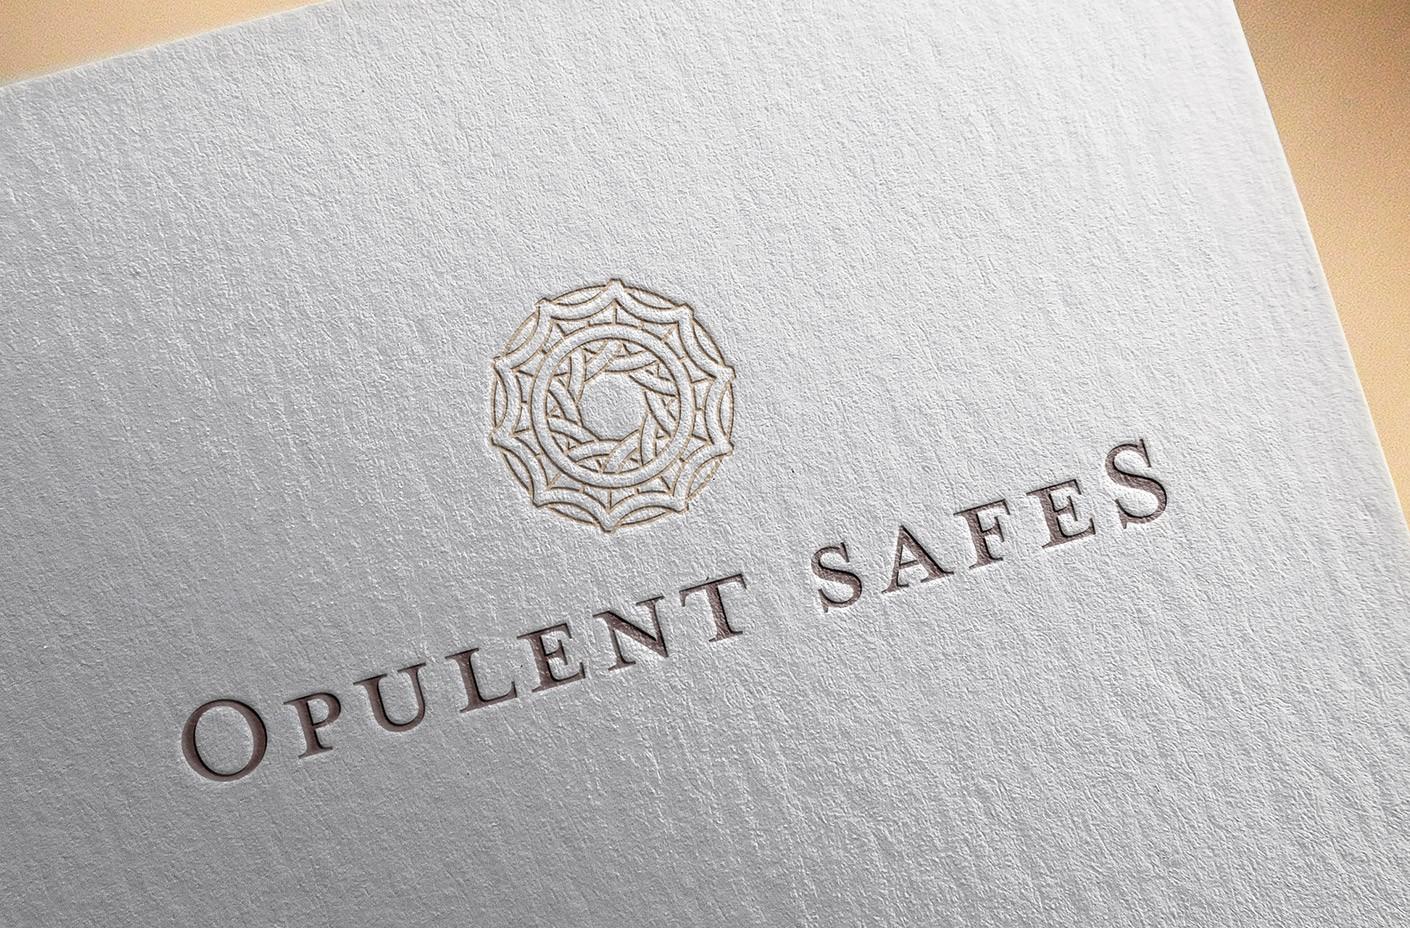 Opulent Safes logo